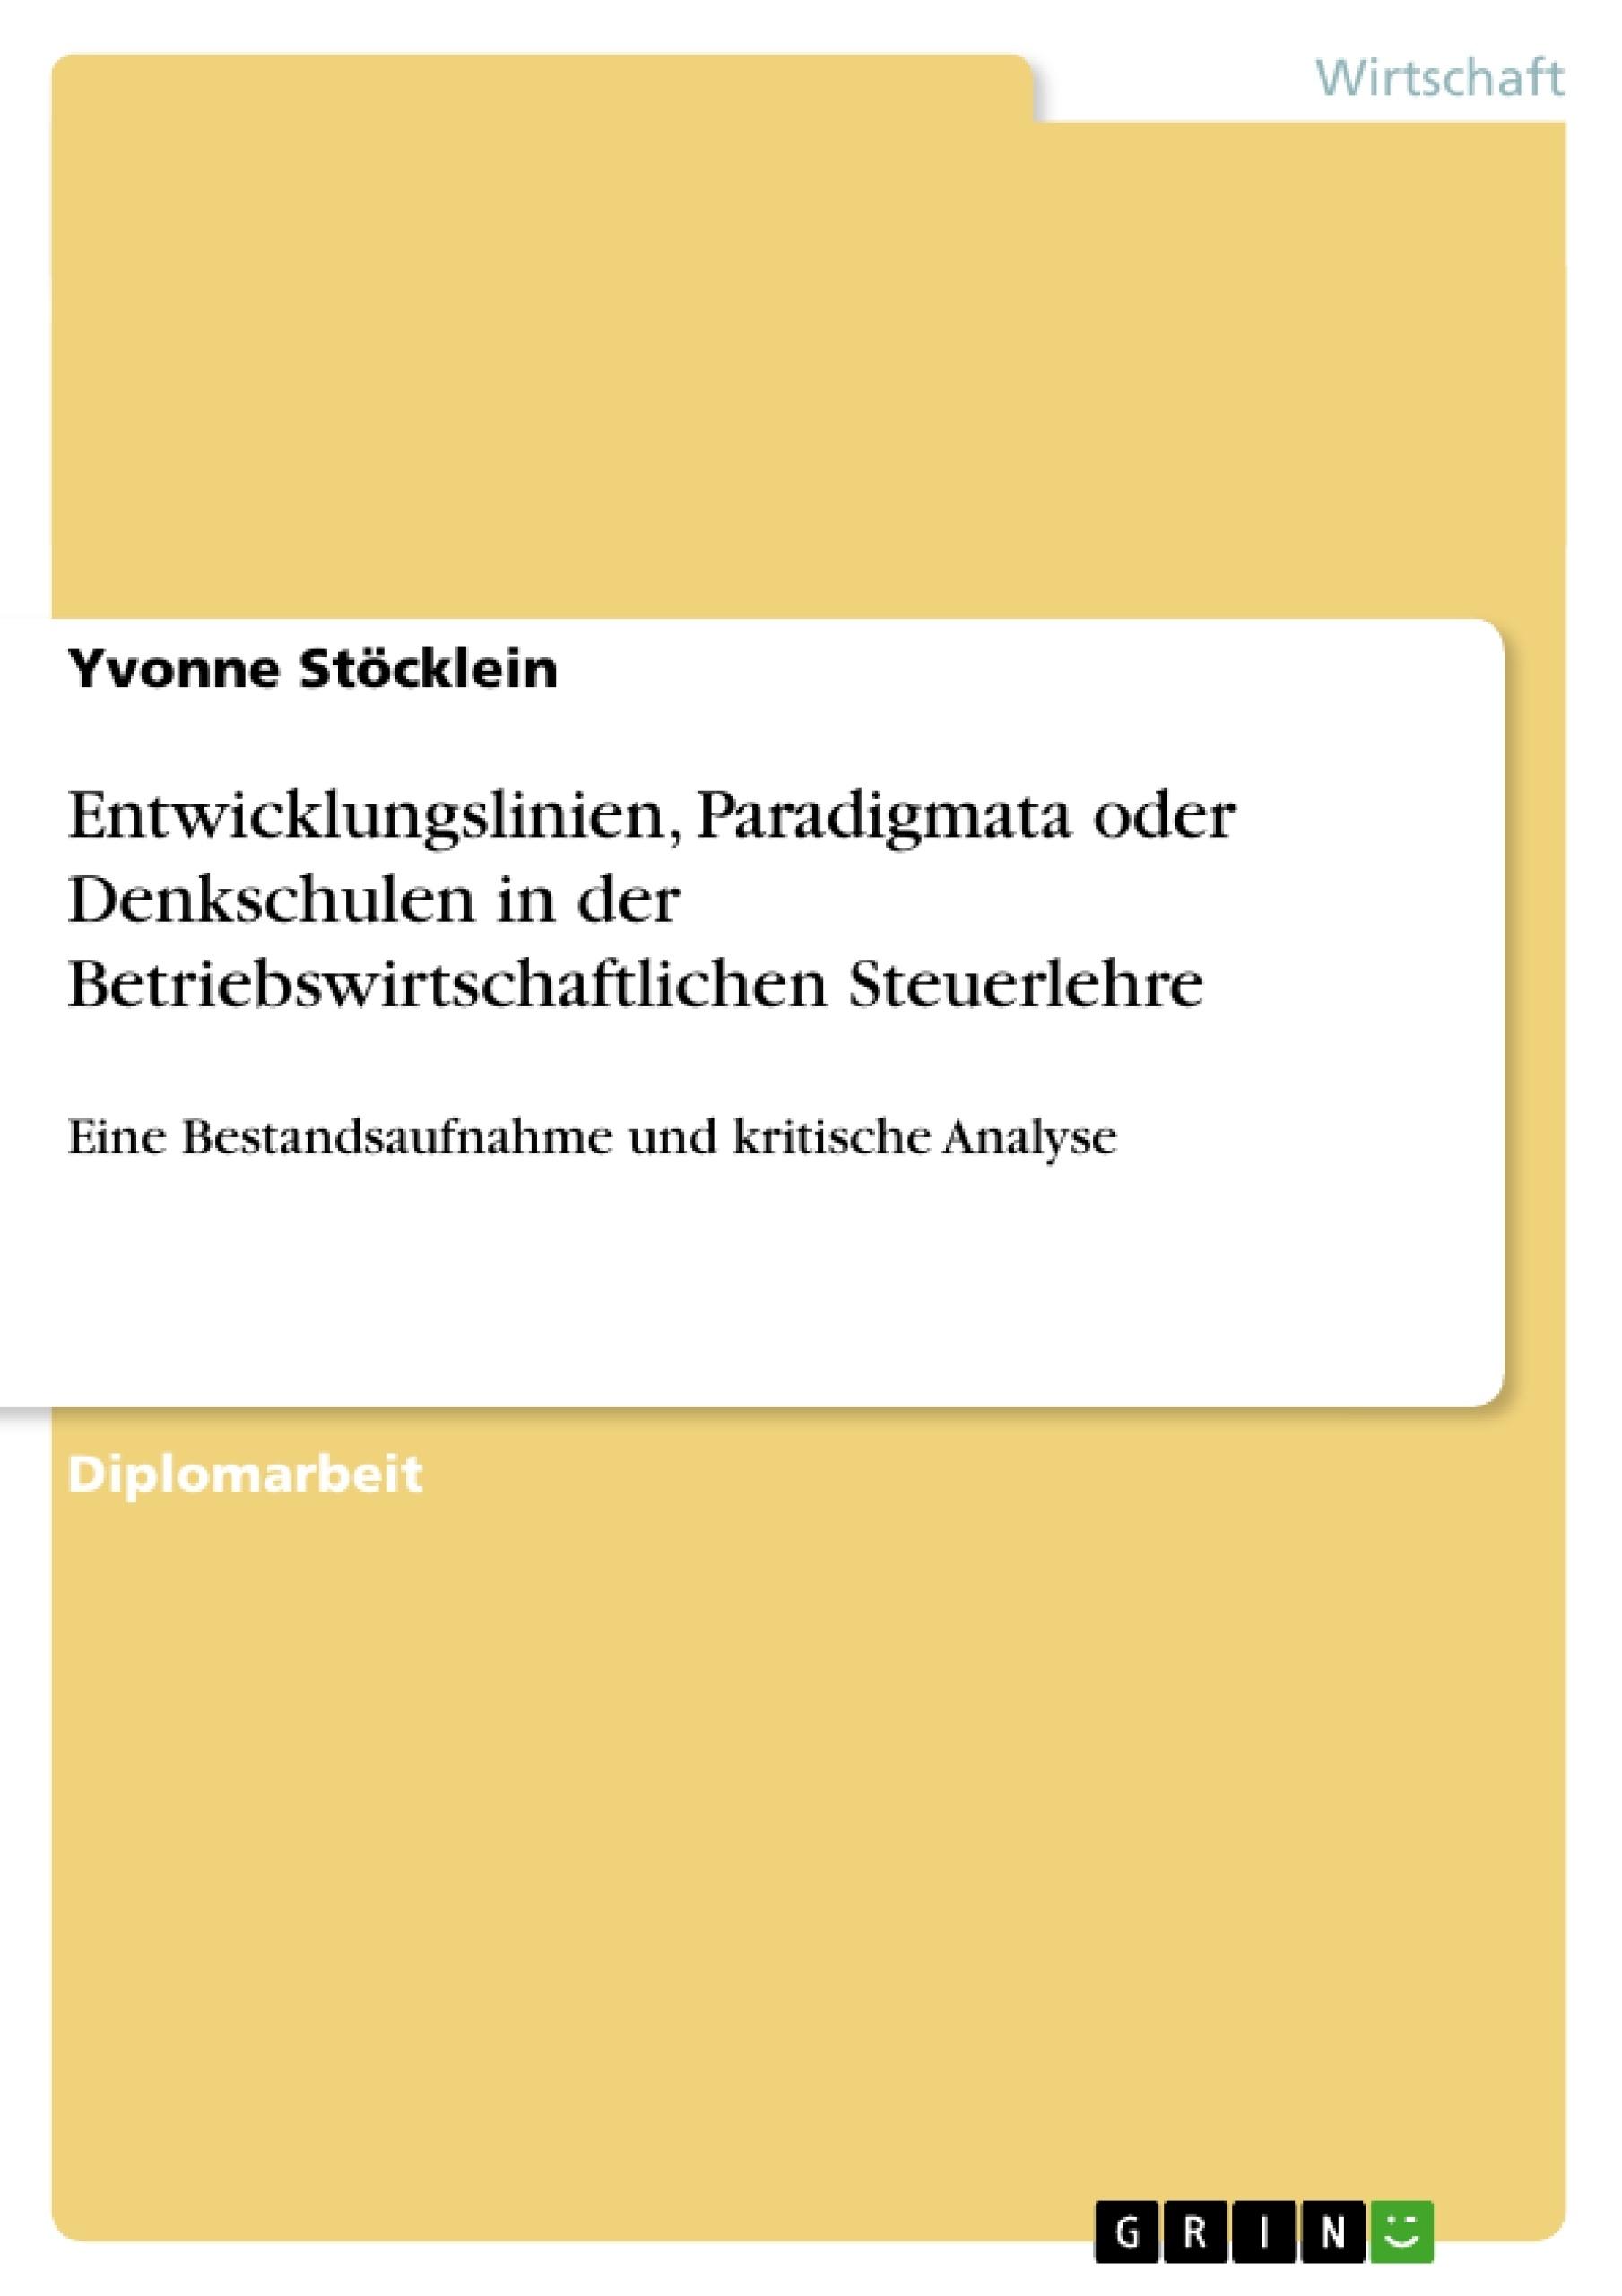 Titel: Entwicklungslinien, Paradigmata oder Denkschulen in der Betriebswirtschaftlichen Steuerlehre